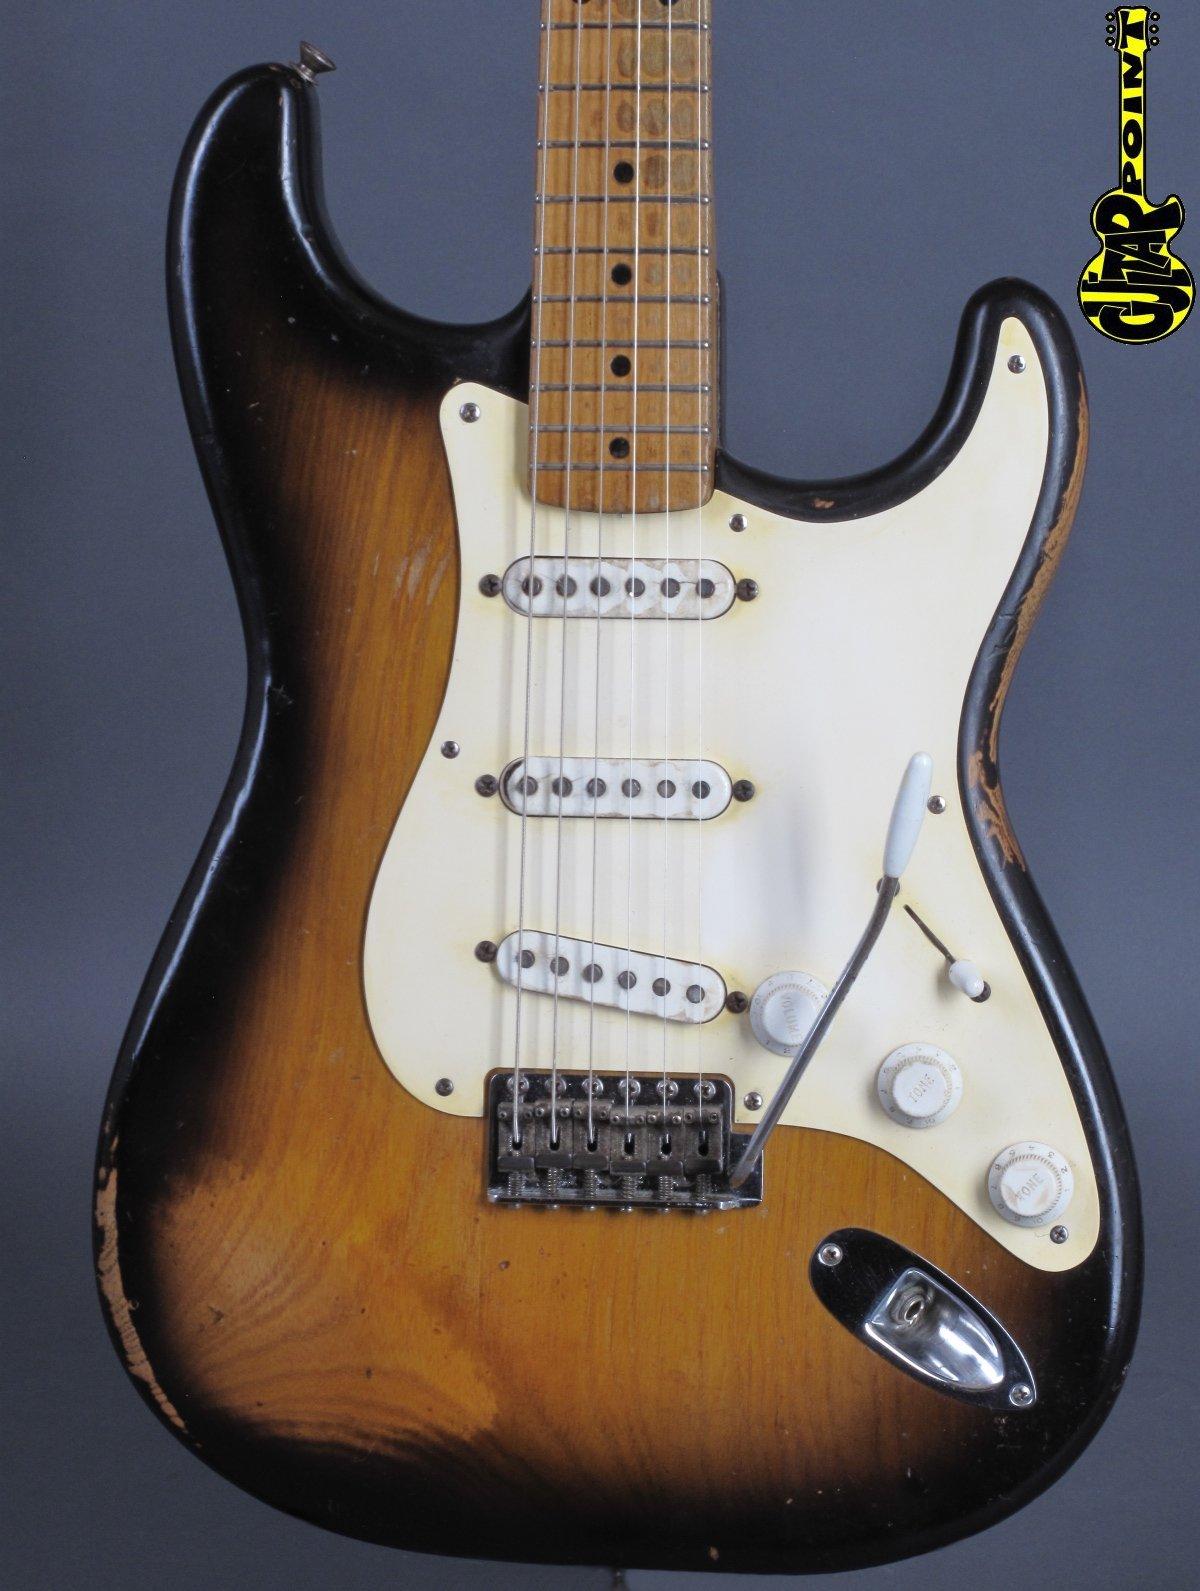 1955 Fender Stratocaster - 2-Tone Sunburst